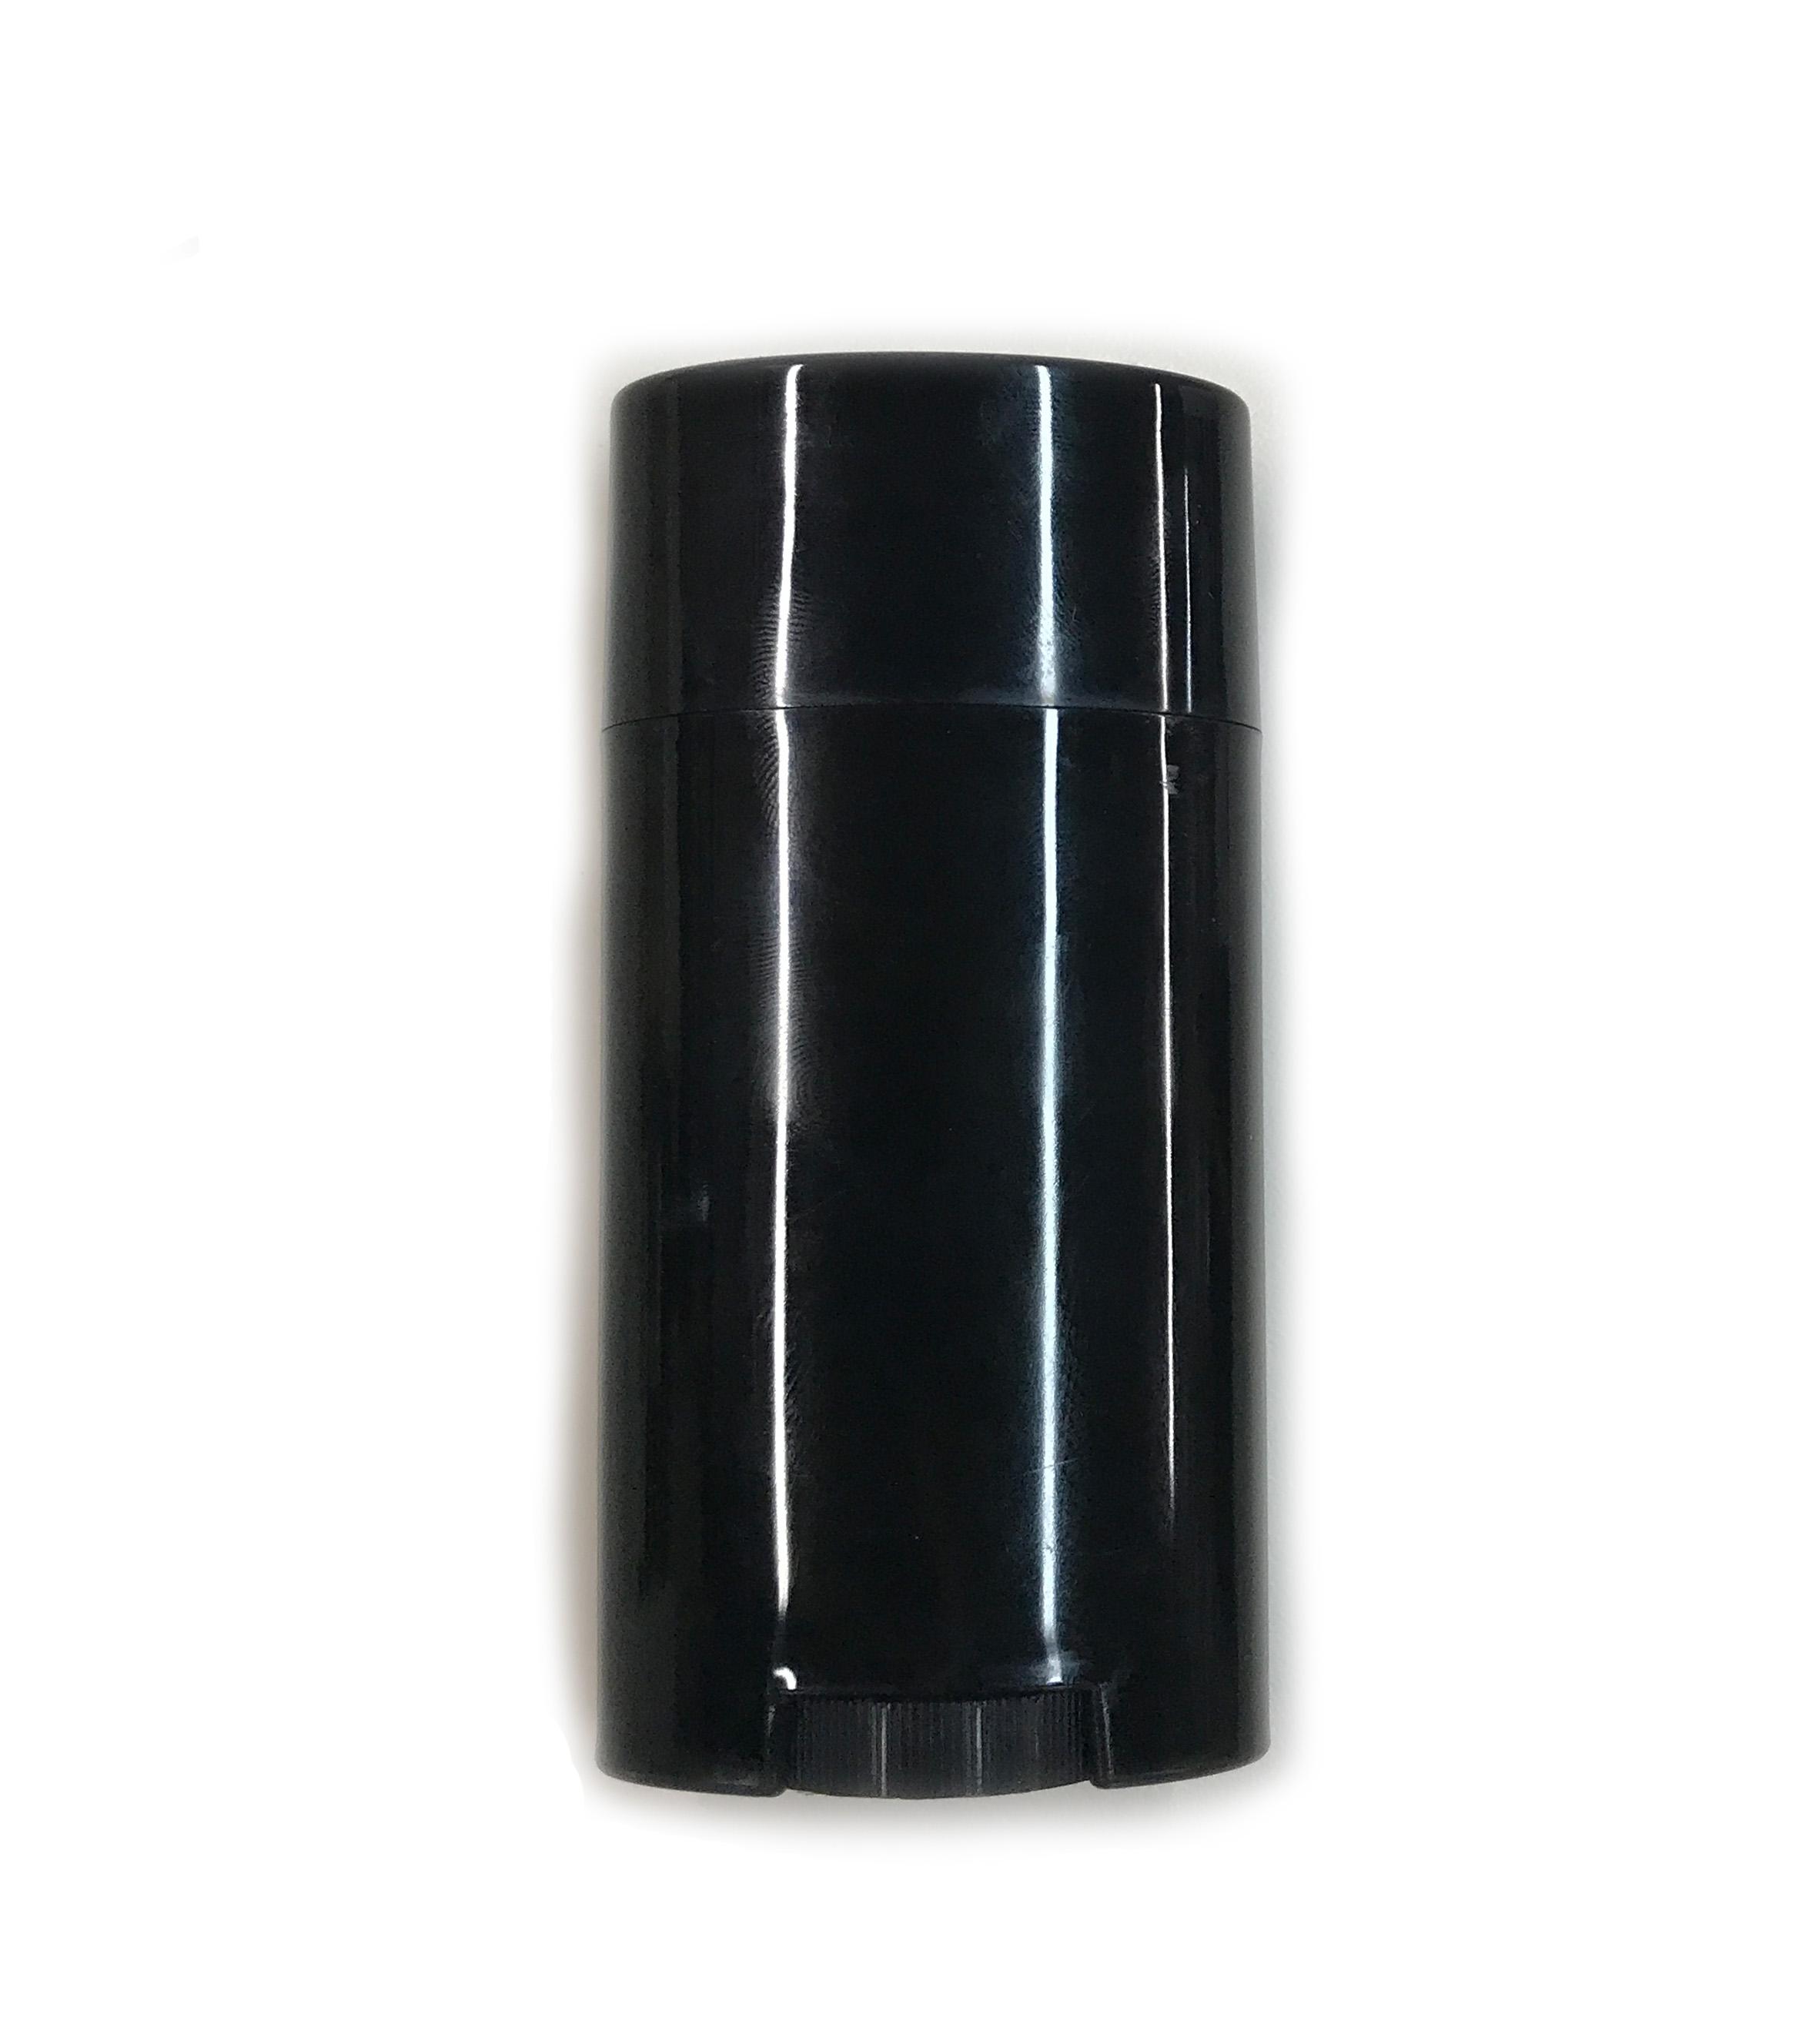 Black Deodorant Containers